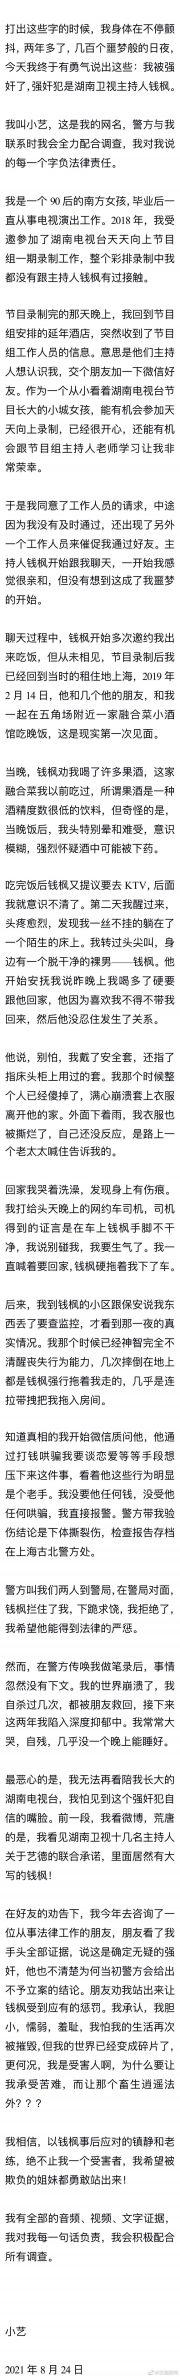 网友发文称遭湖南卫视主持人强奸 报警后未立案